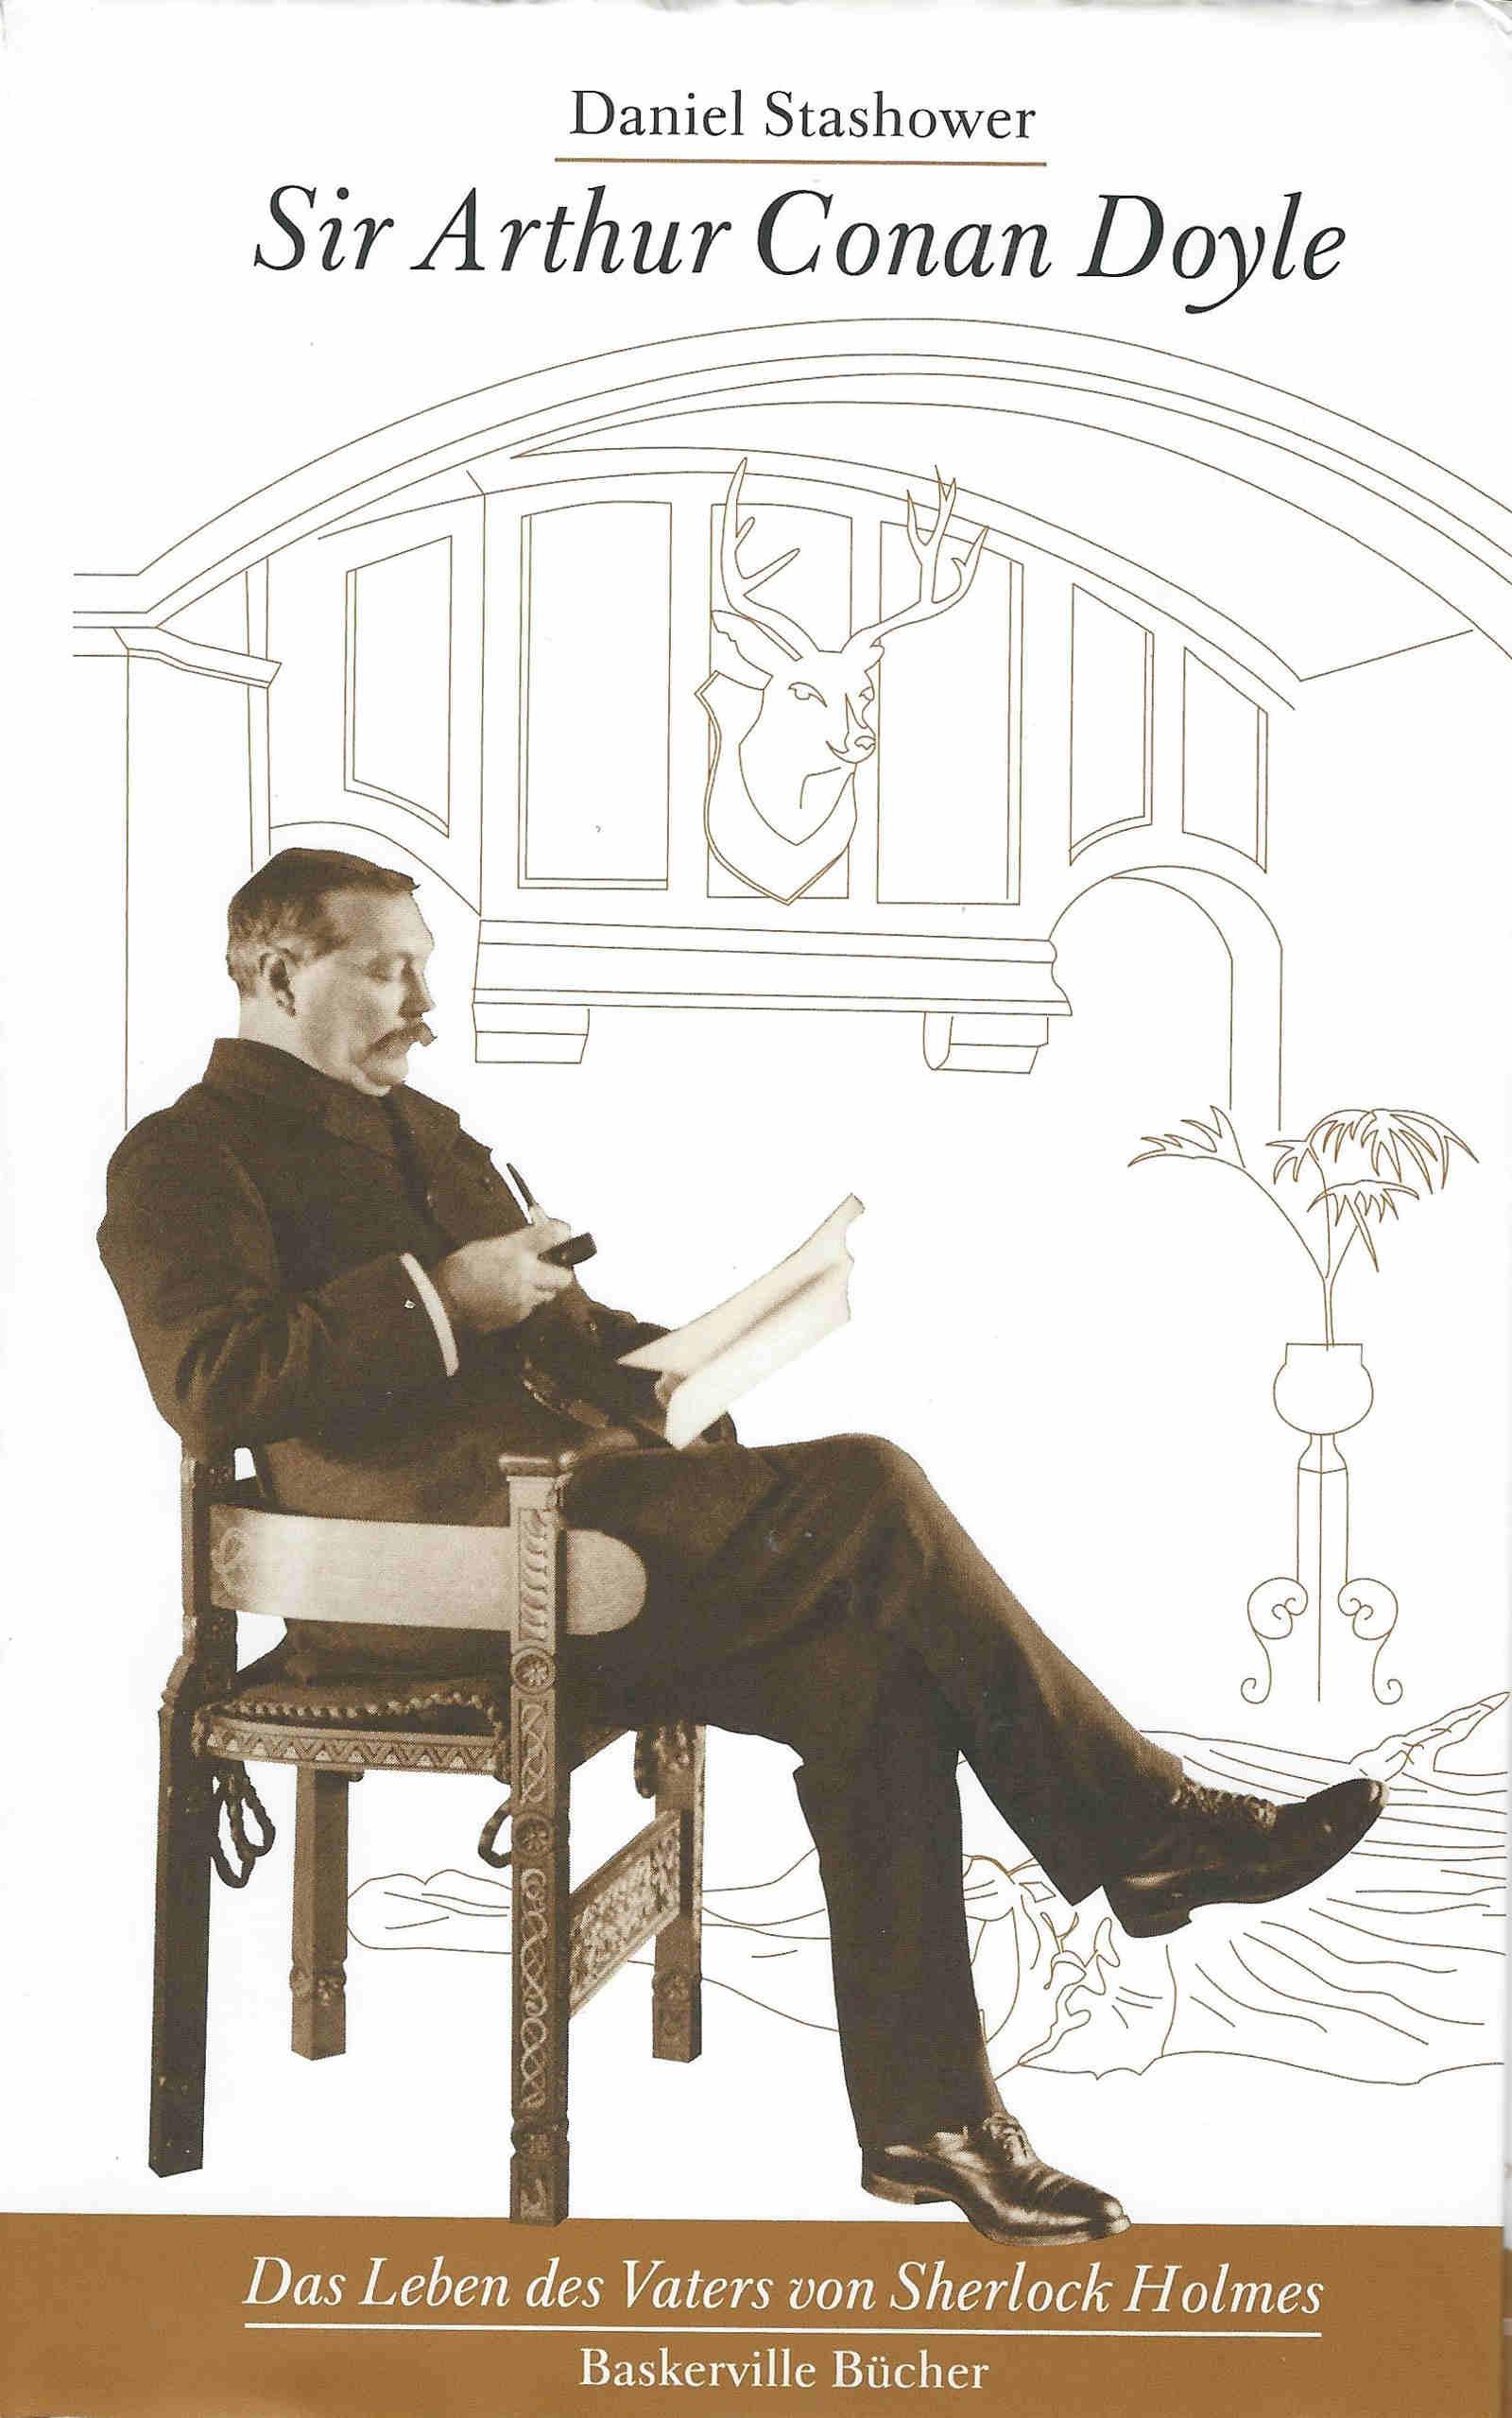 Daniel Stashower Sir Arthur Conan Doyle